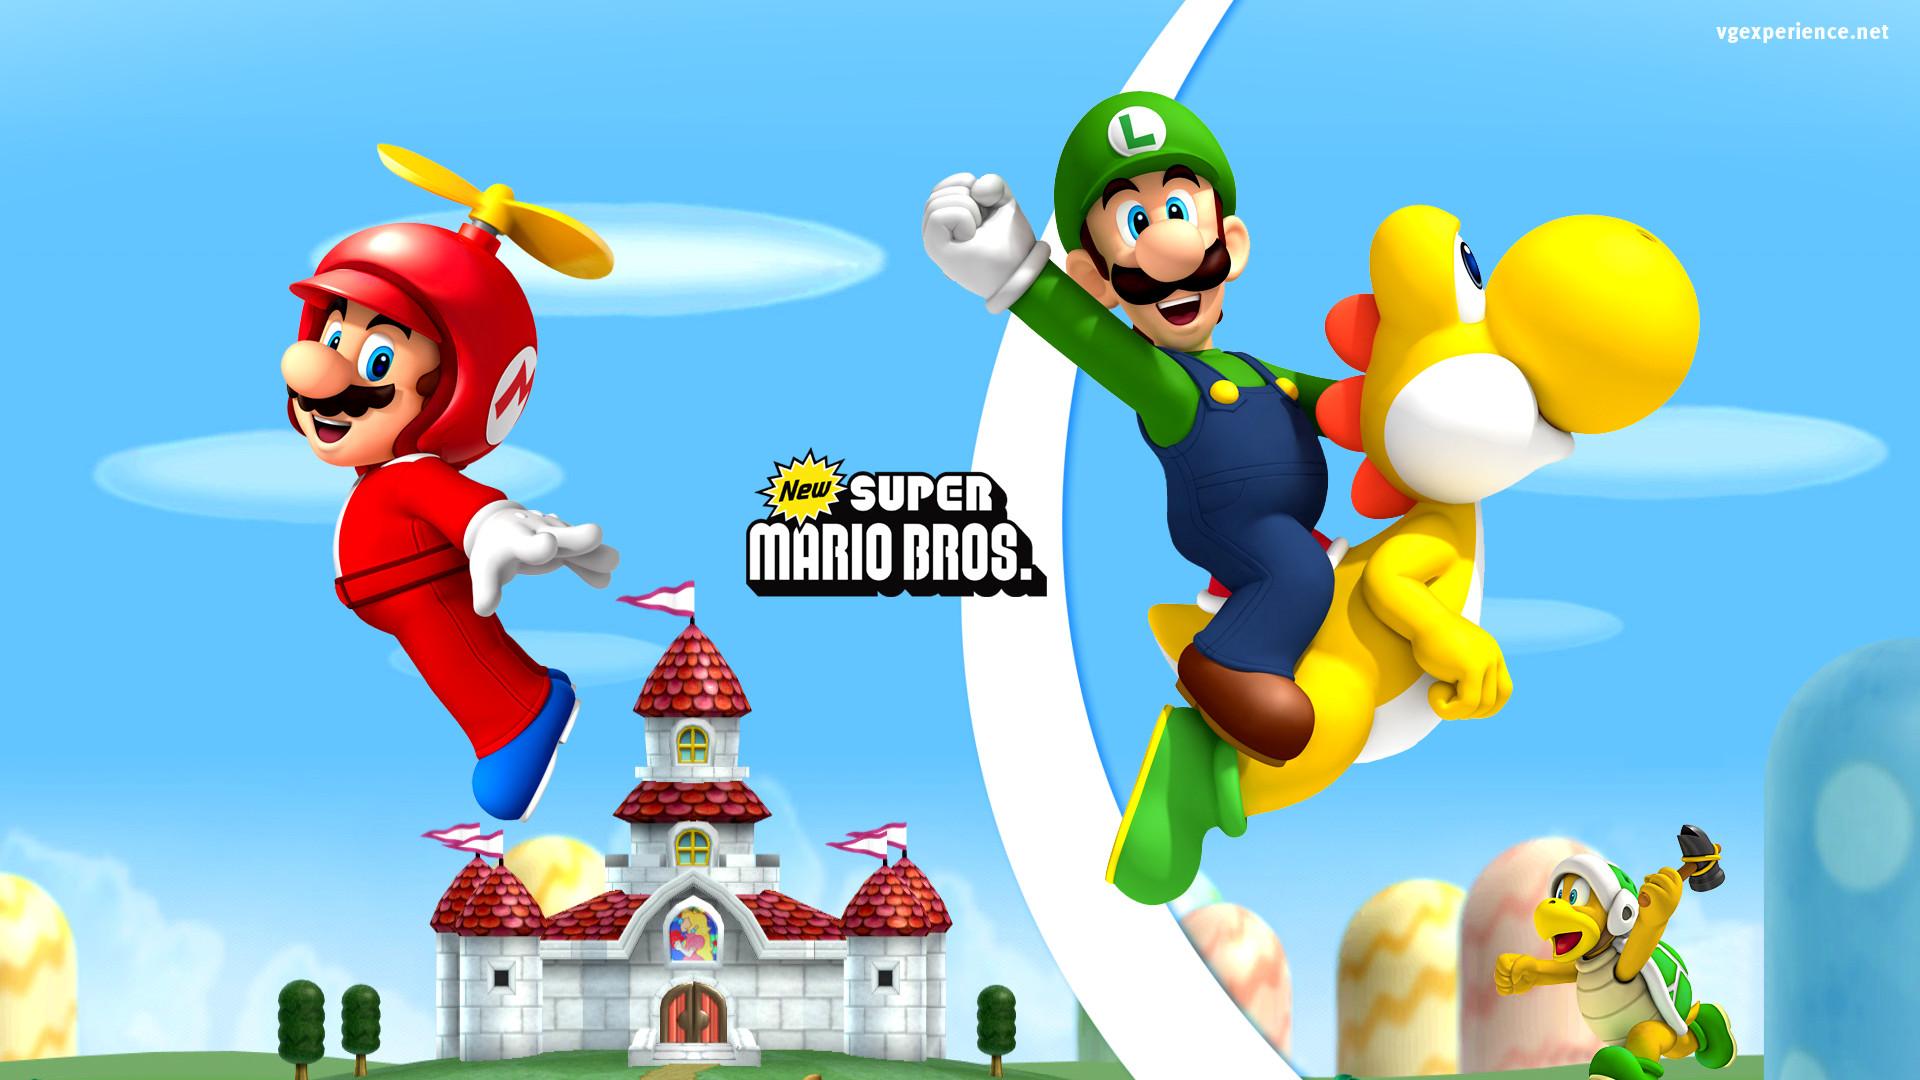 Wii – Fanart – Background New Super Mario Bros.